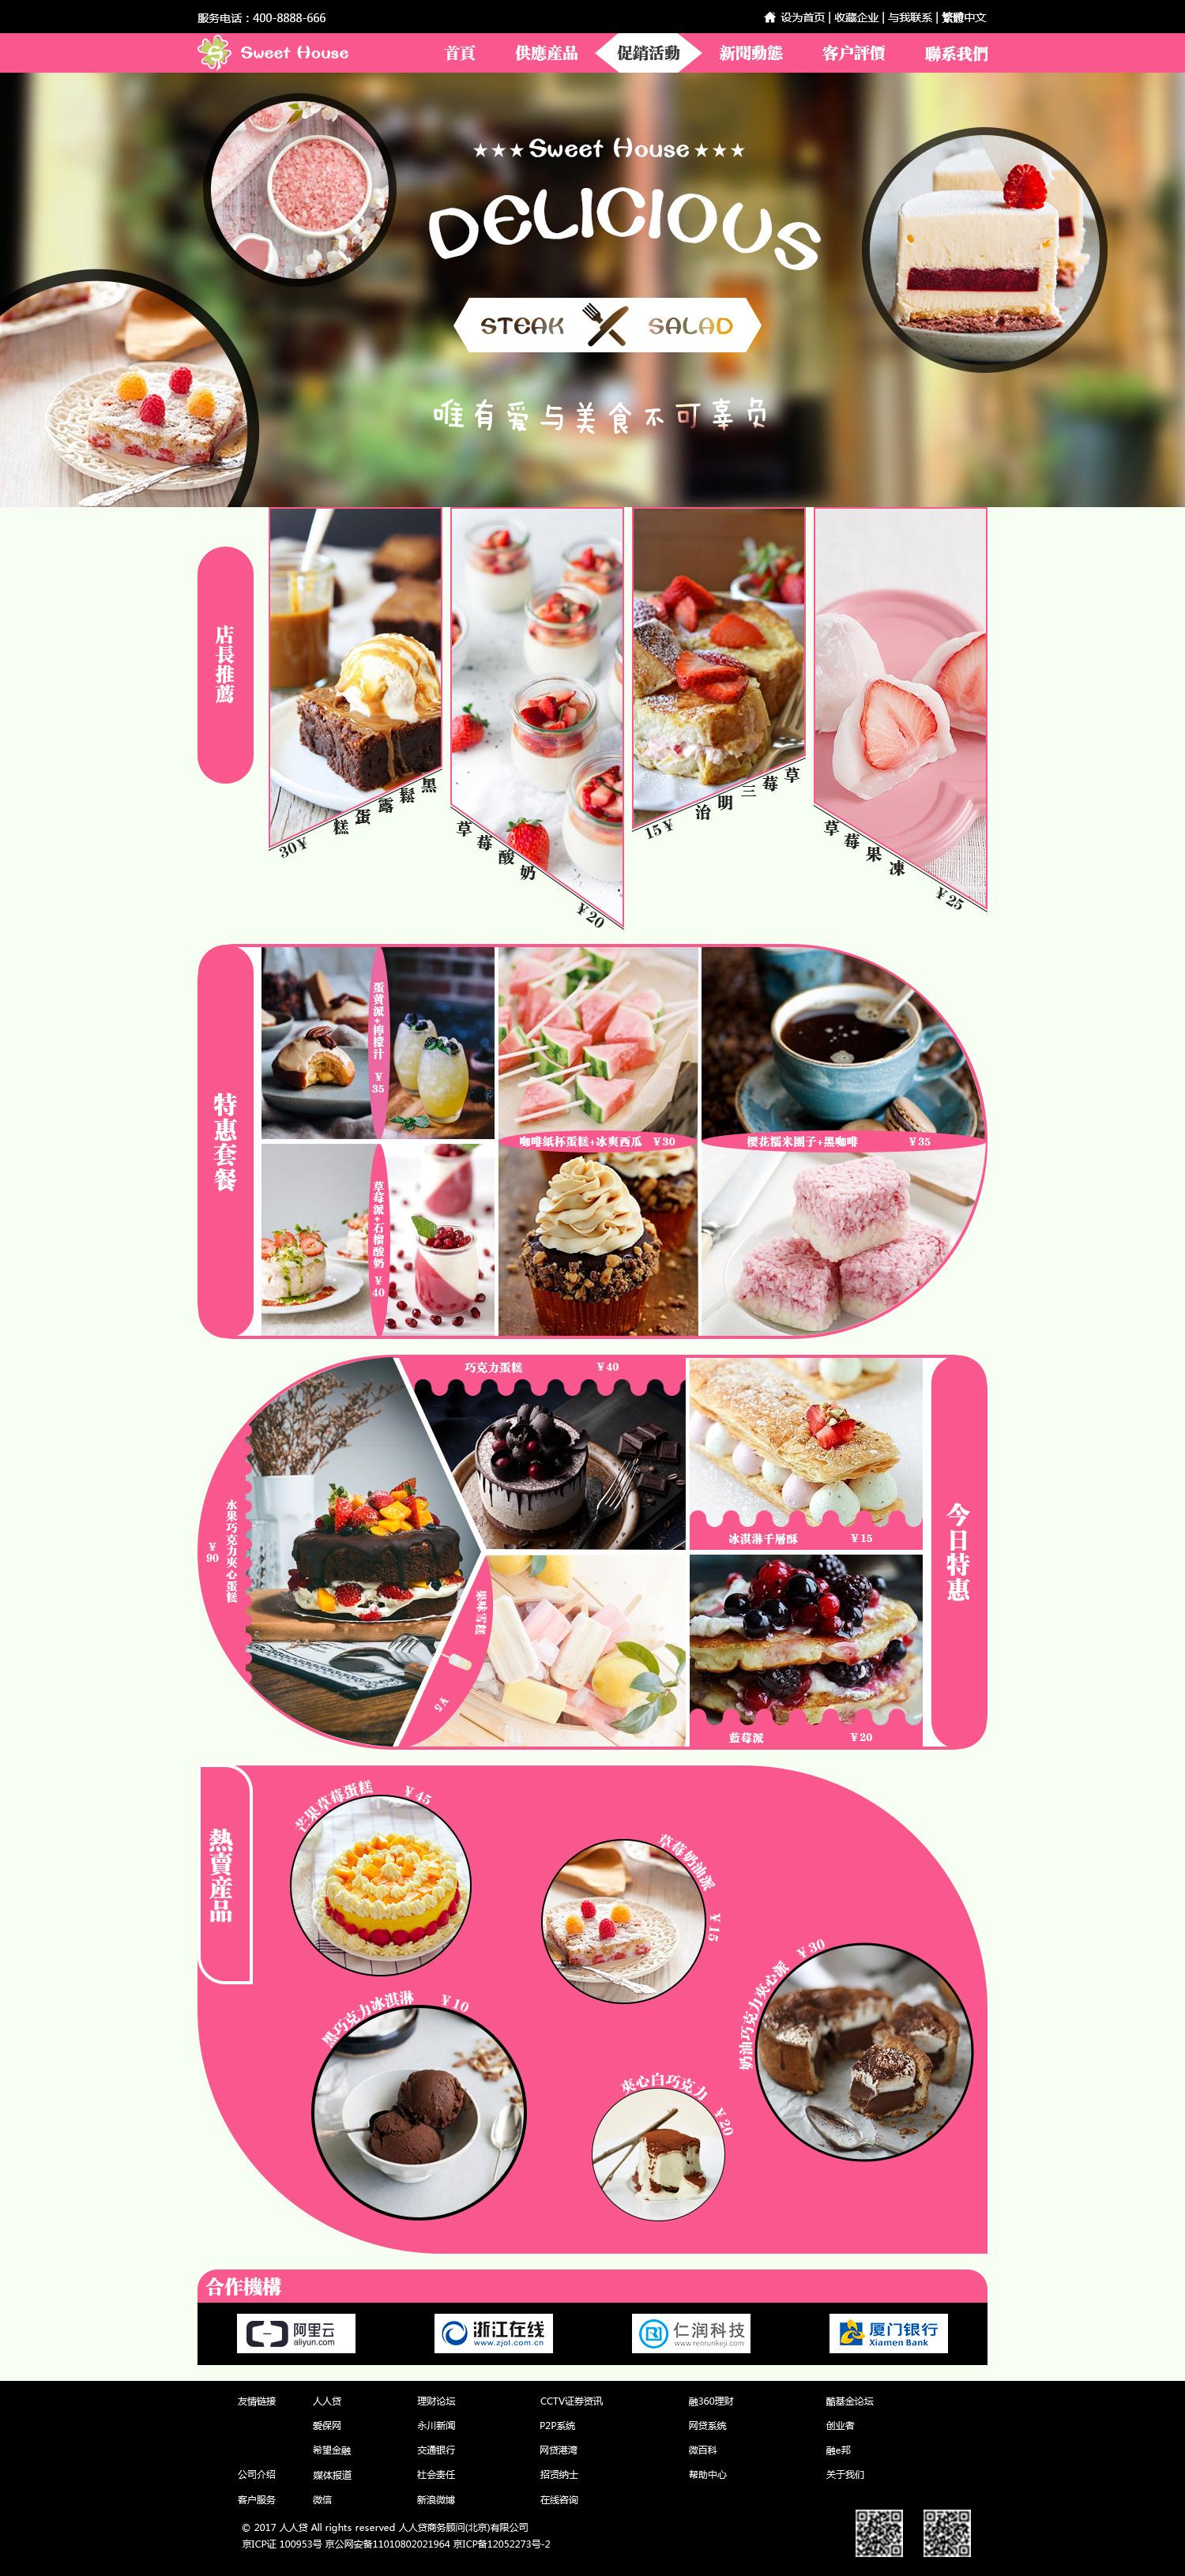 web微信网页_甜品店网页设计 UI 其他UI  马小00000 - 原创作品 - 站酷 (ZCOOL)